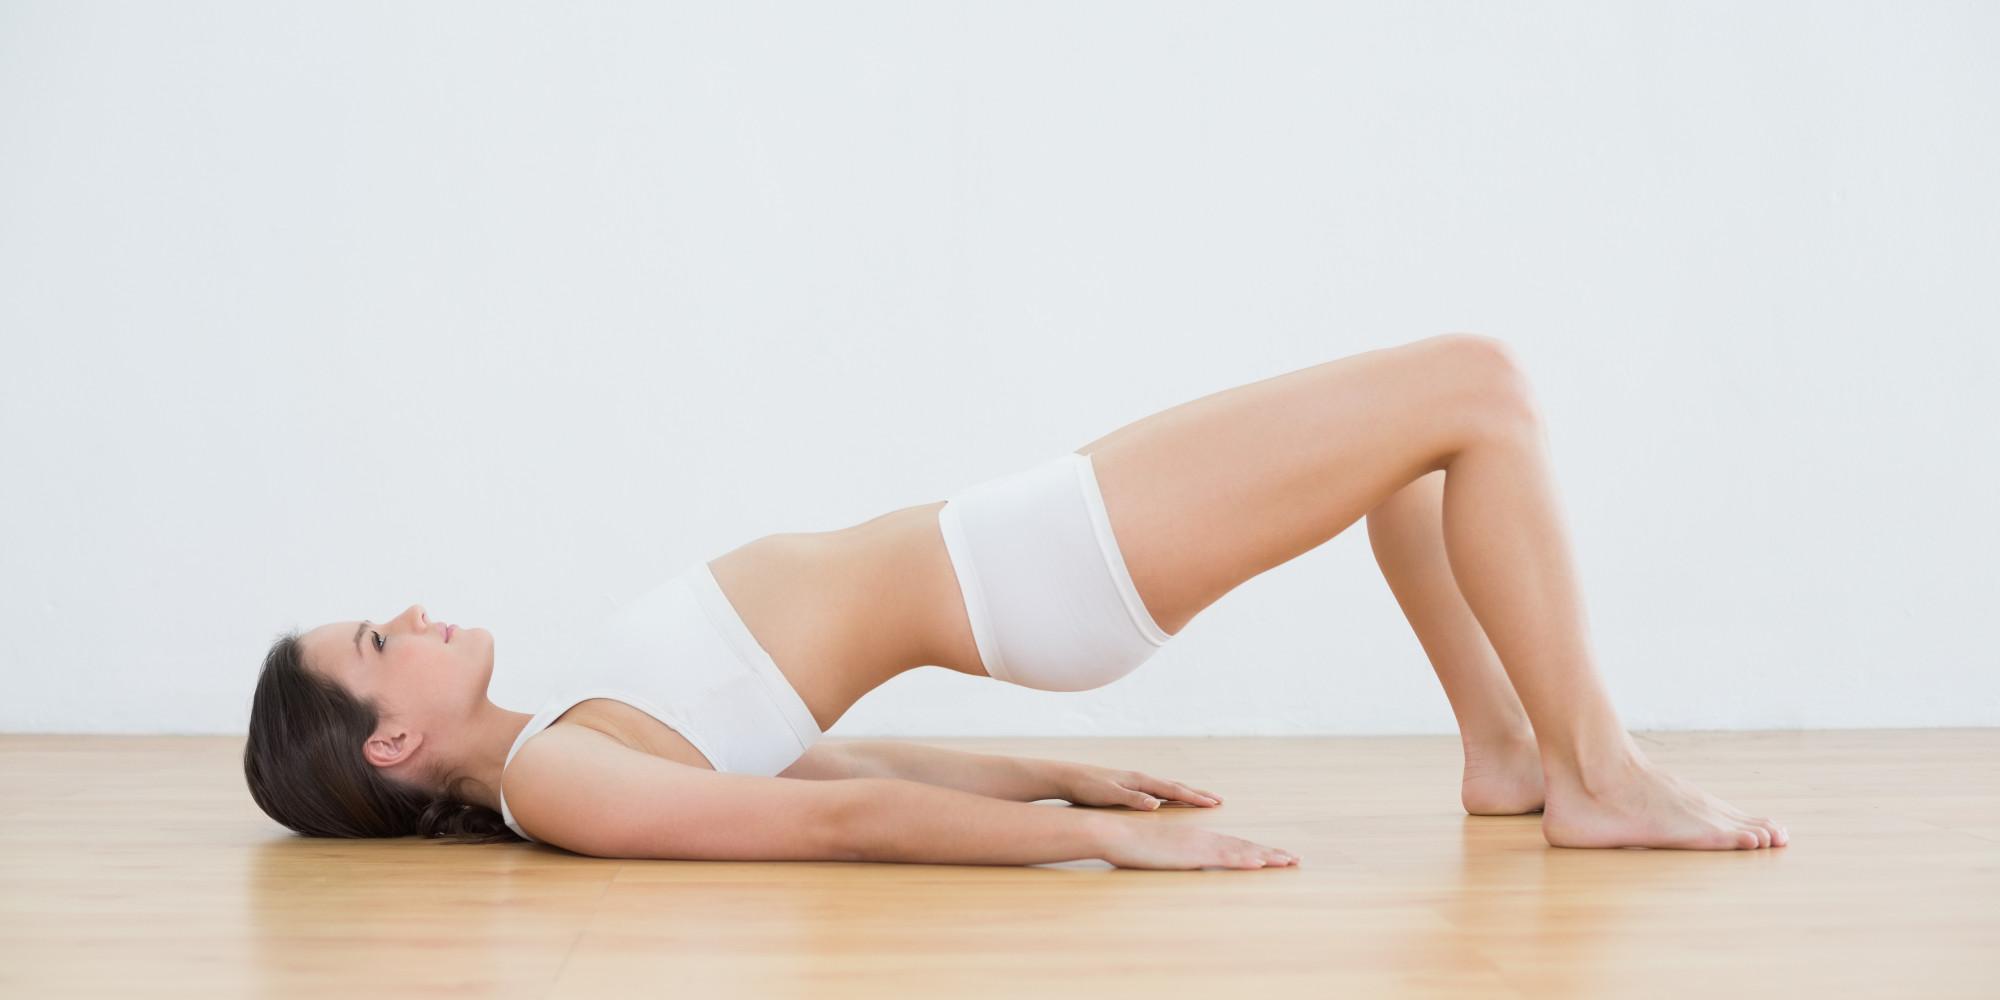 Упражнения для ног и ягодиц: качаем одновременно группу мышц Махи Ногами Назад